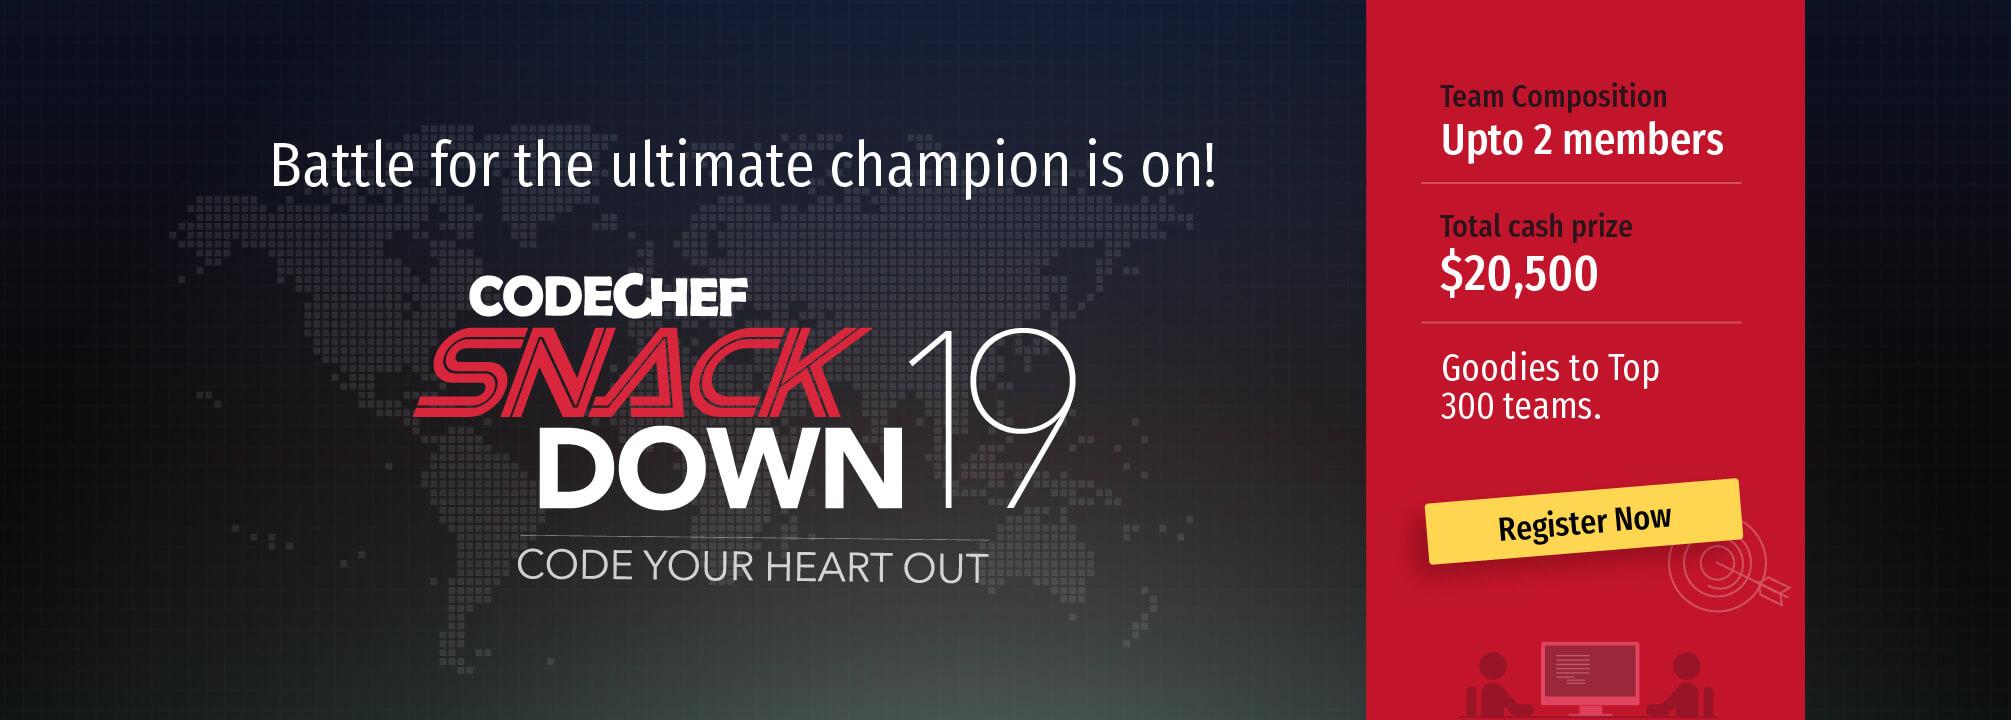 Register Now for SnackDown 2019